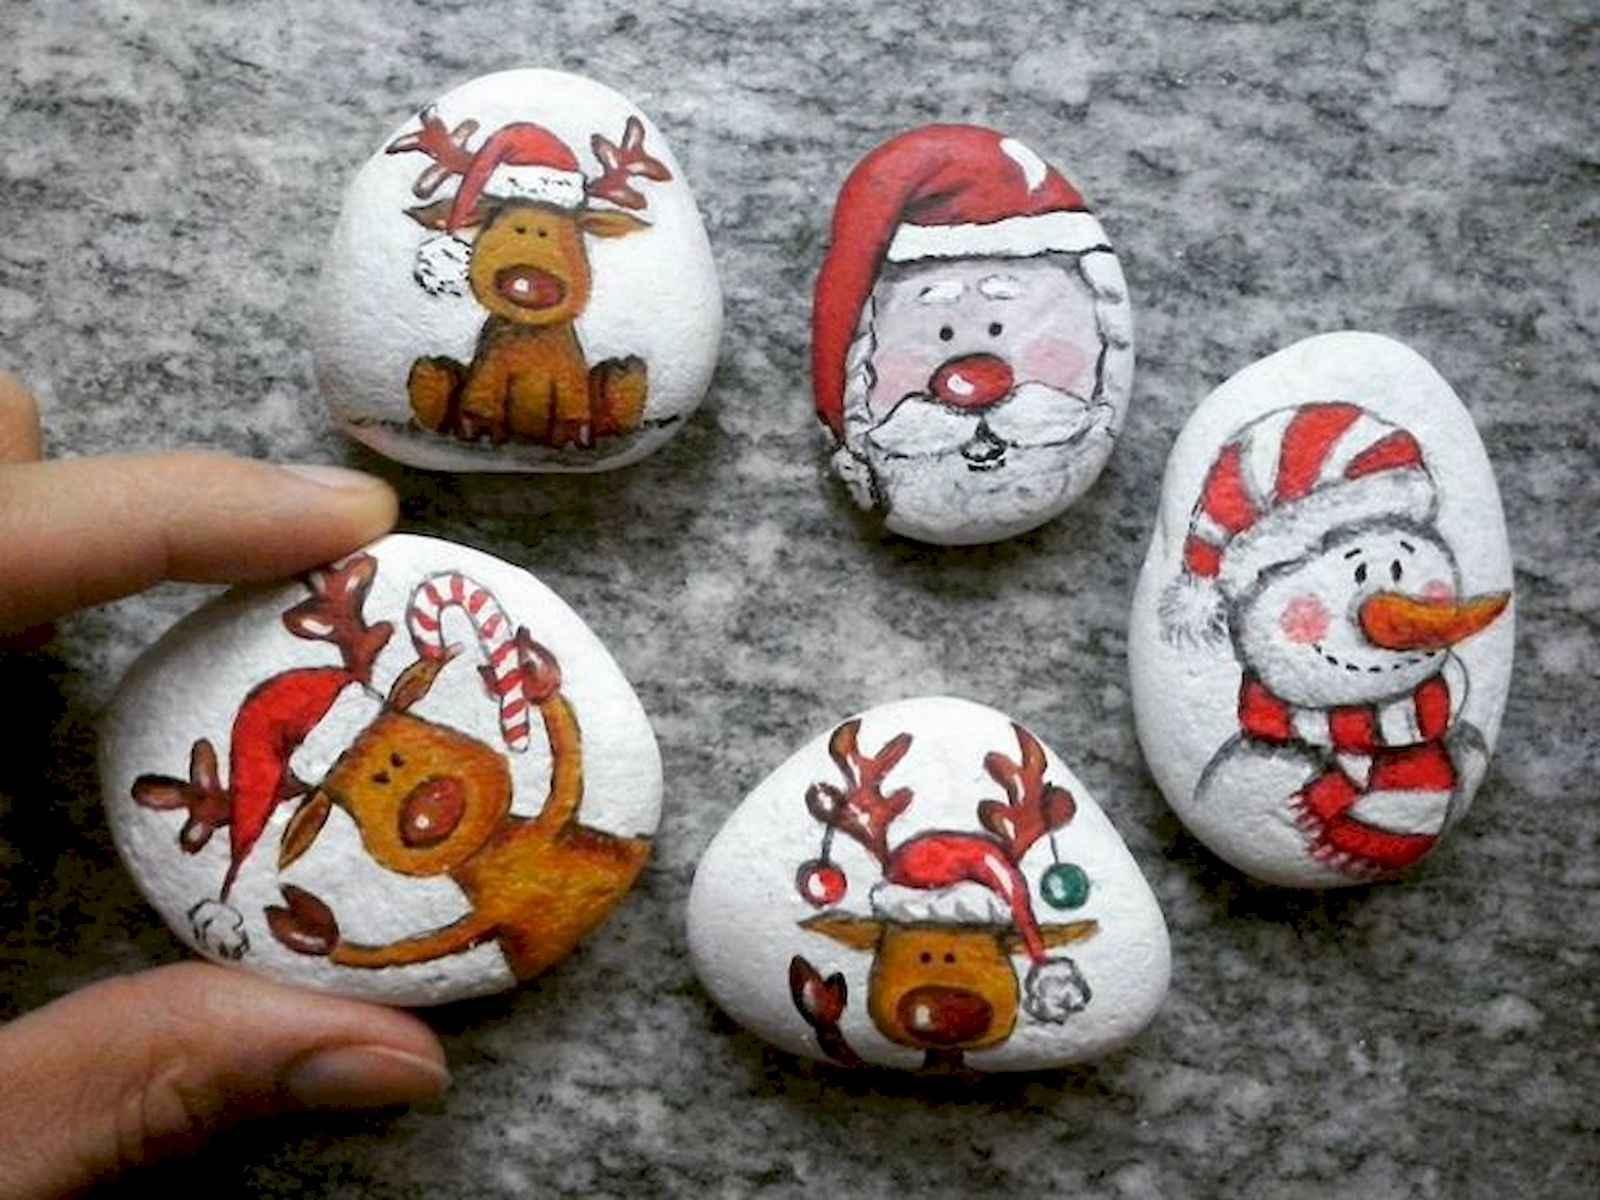 50 Easy DIY Christmas Painted Rock Design Ideas (24) - CoachDecor.com